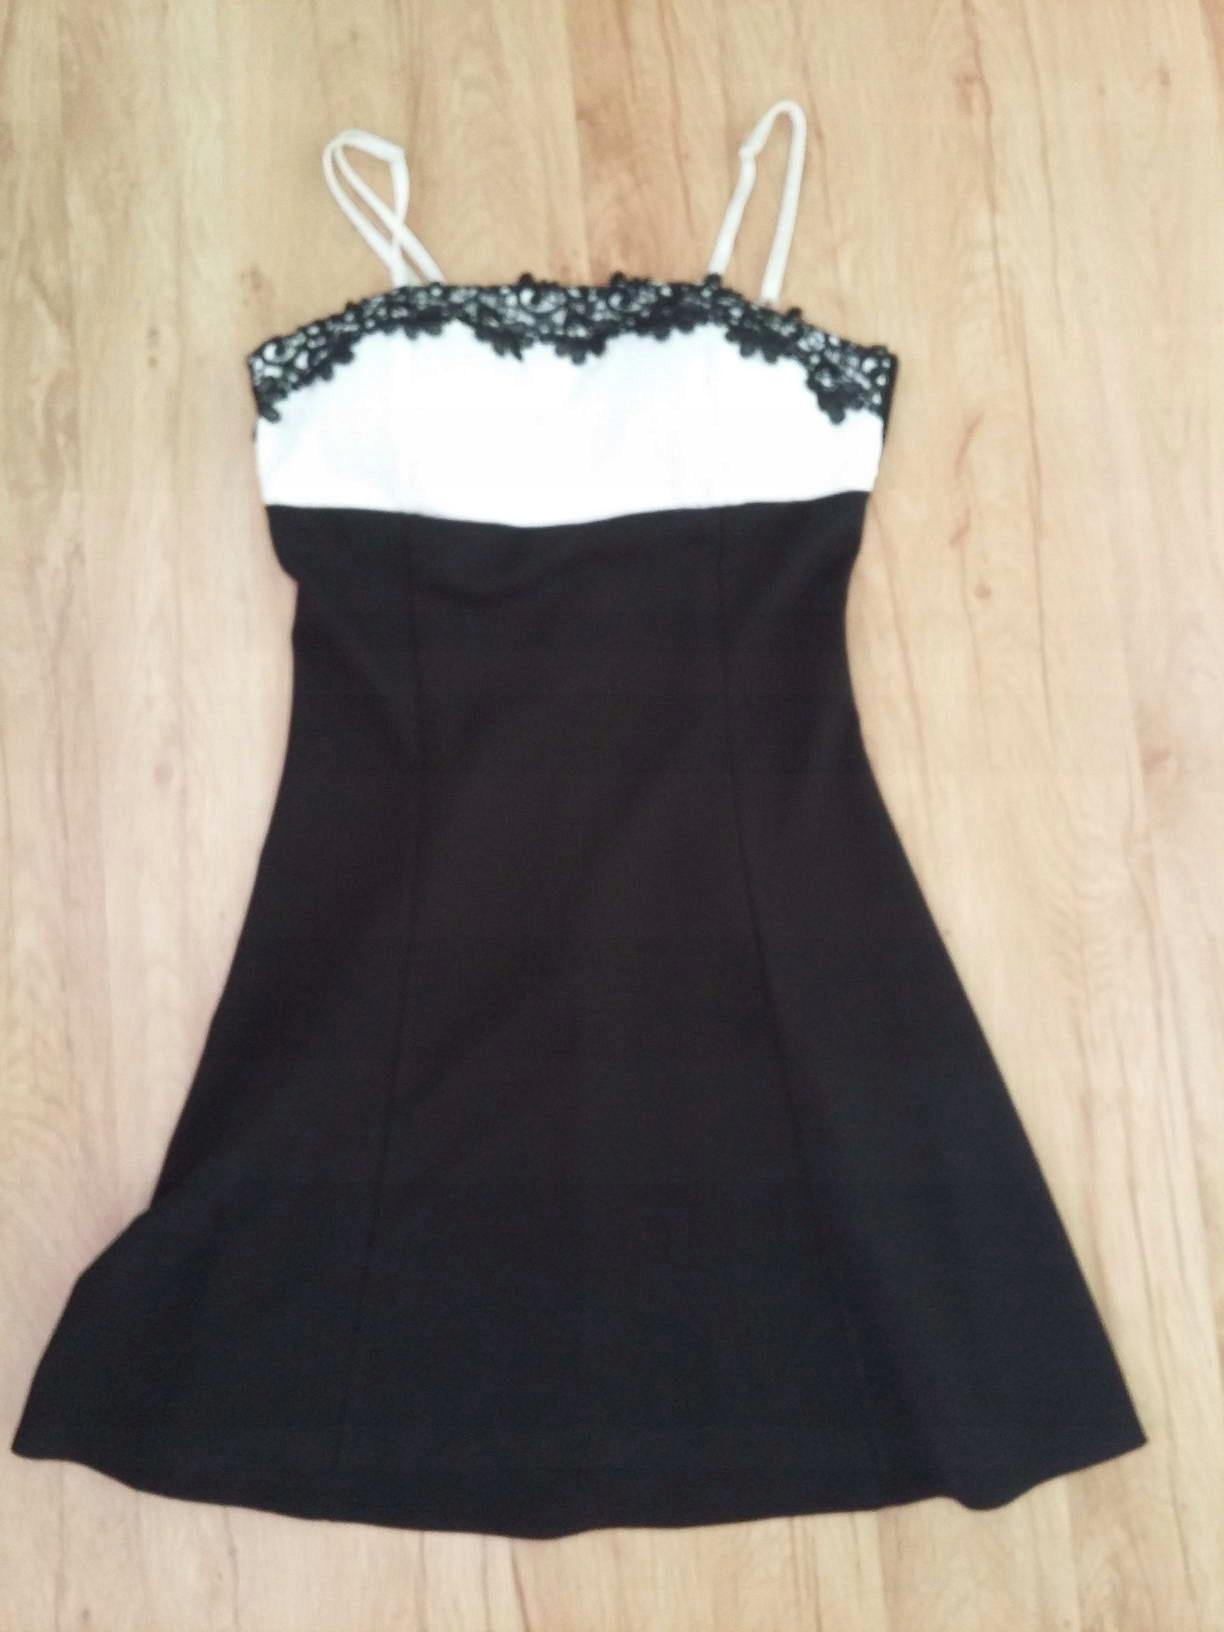 8ace9bb880 Sukienka czarno biała - 7498022936 - oficjalne archiwum allegro